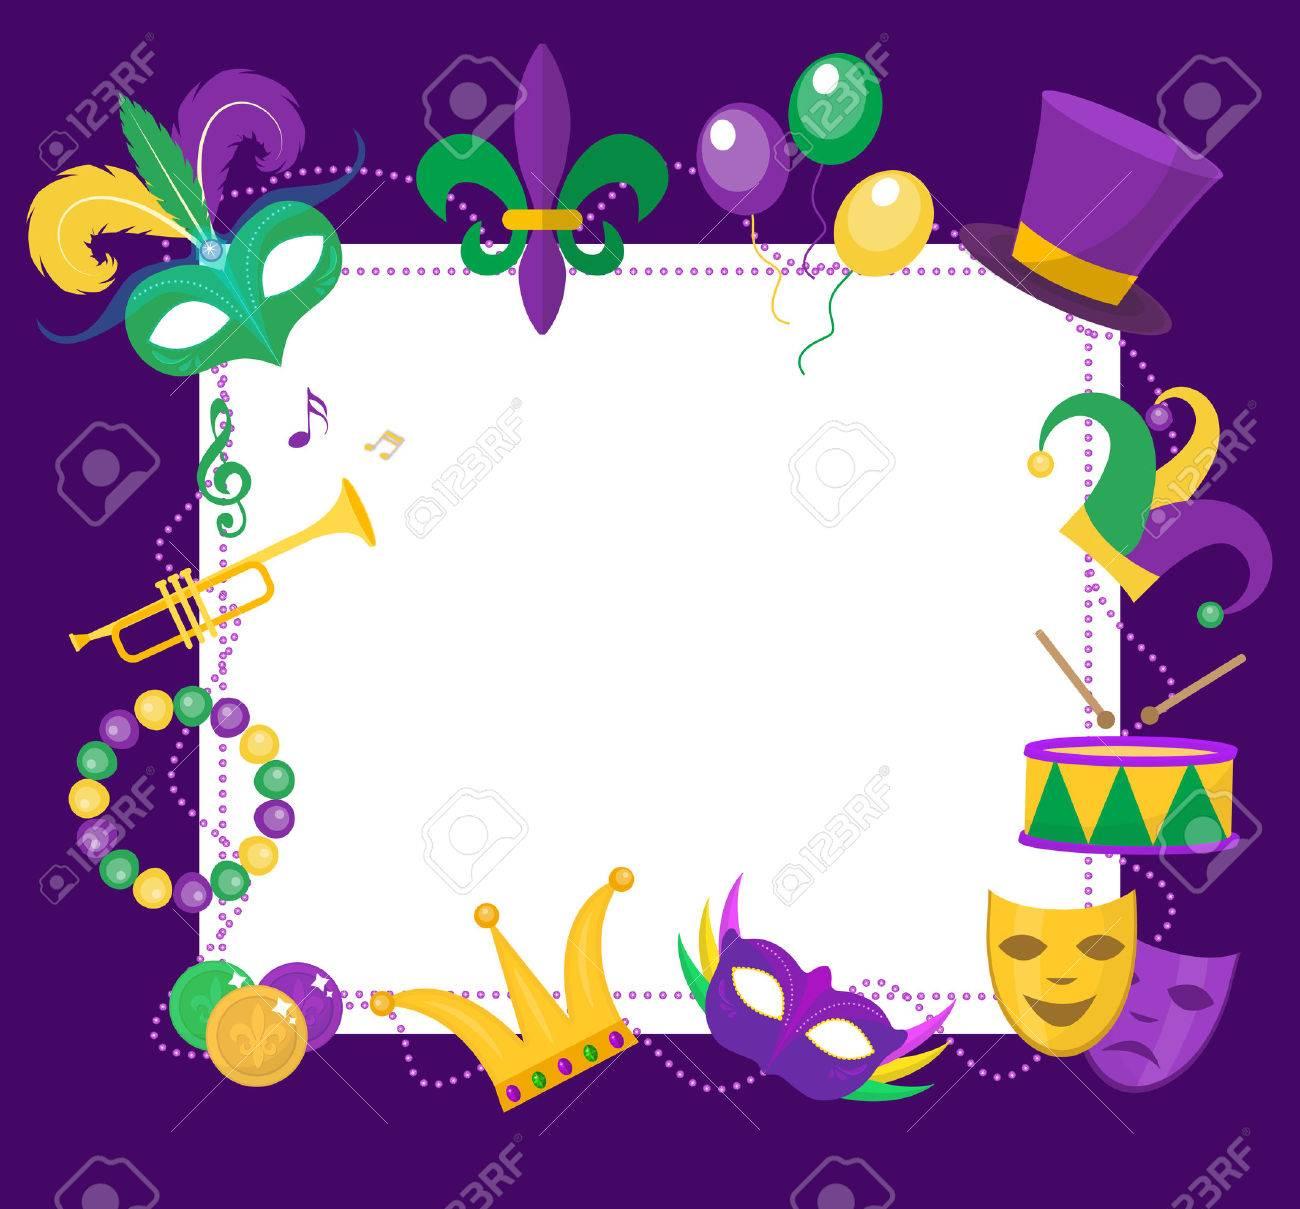 karneval-rahmen-vorlage mit platz für text. karneval-karnevals, Einladungen